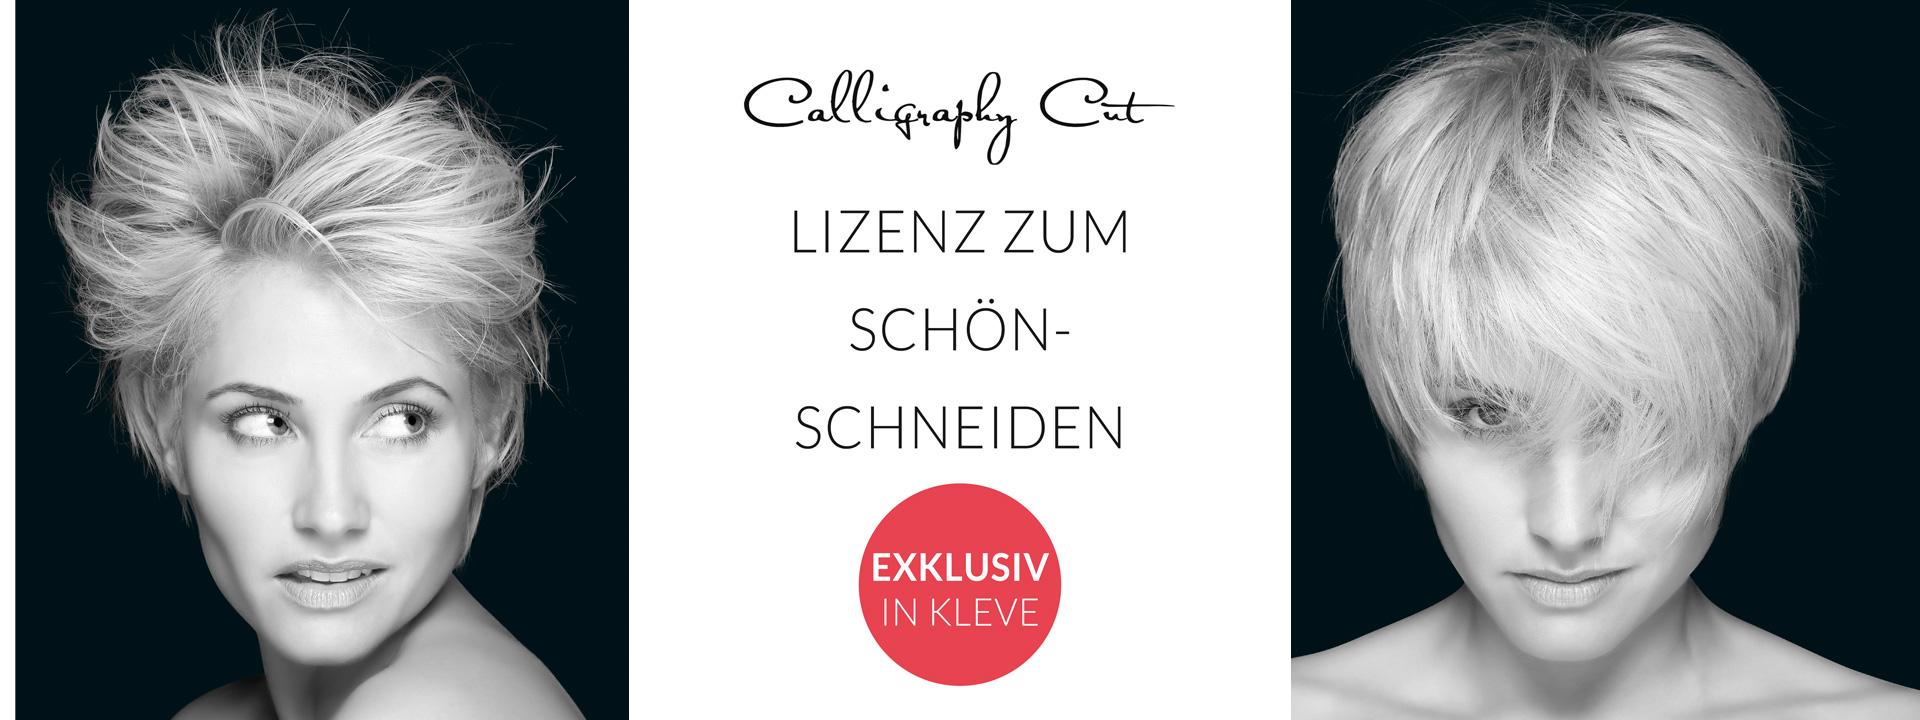 haargenau-kleve-calligraphy-cut-01